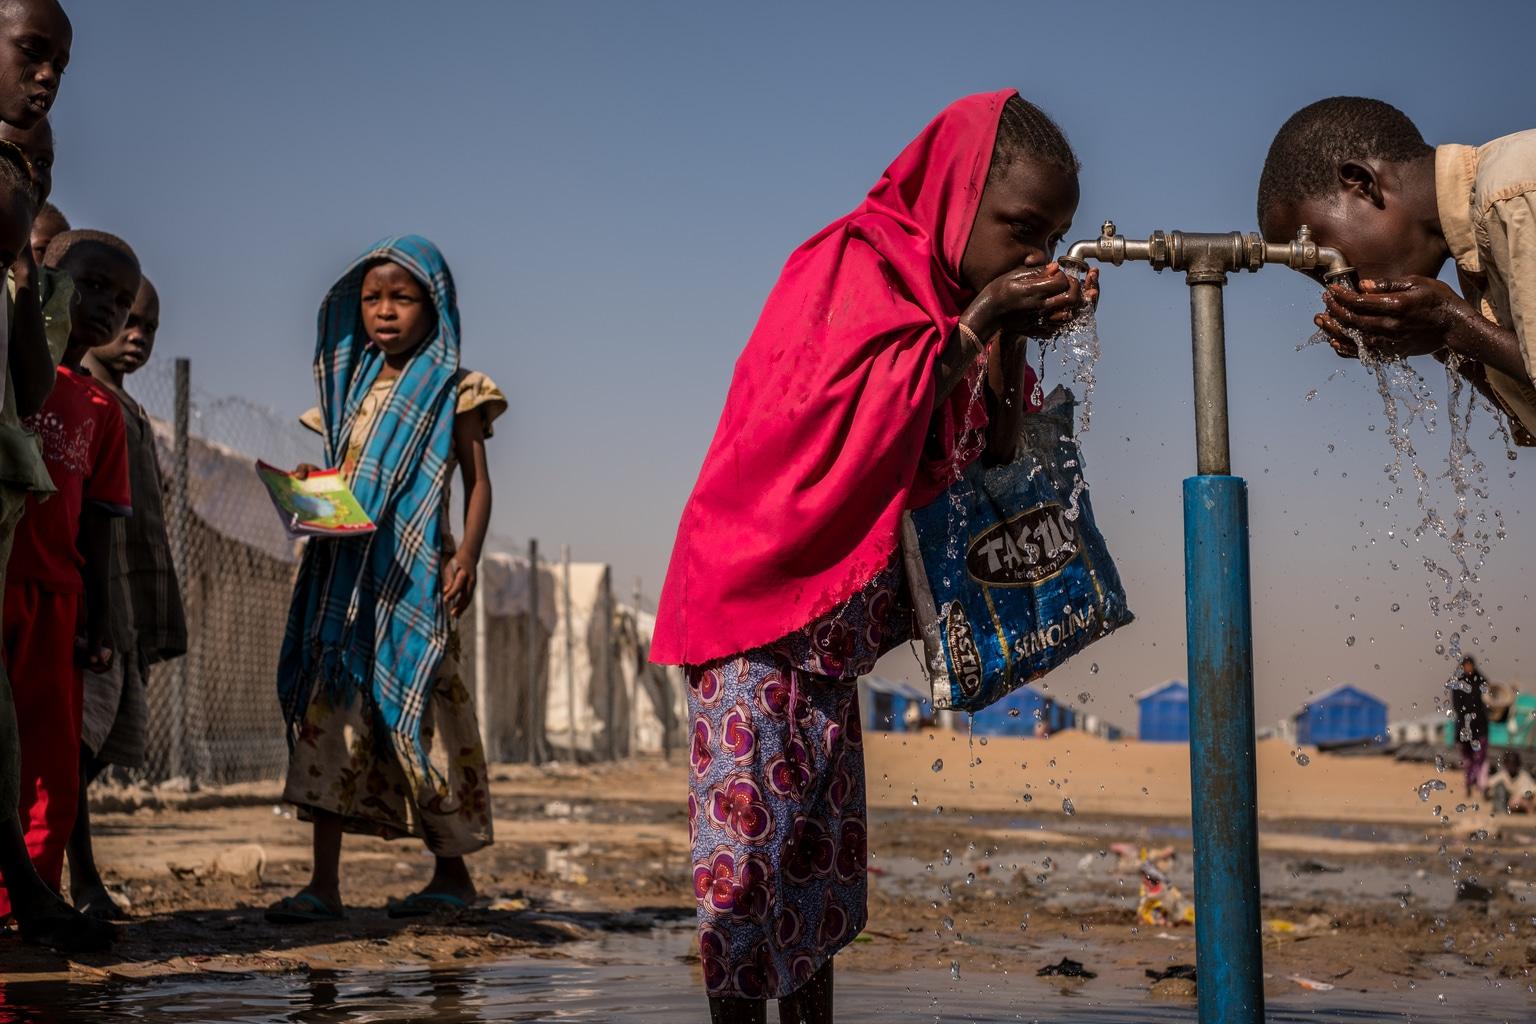 3月22日は『世界水の日』 2040年、子ども6億人が水不足に ユニセフ、報告書発表